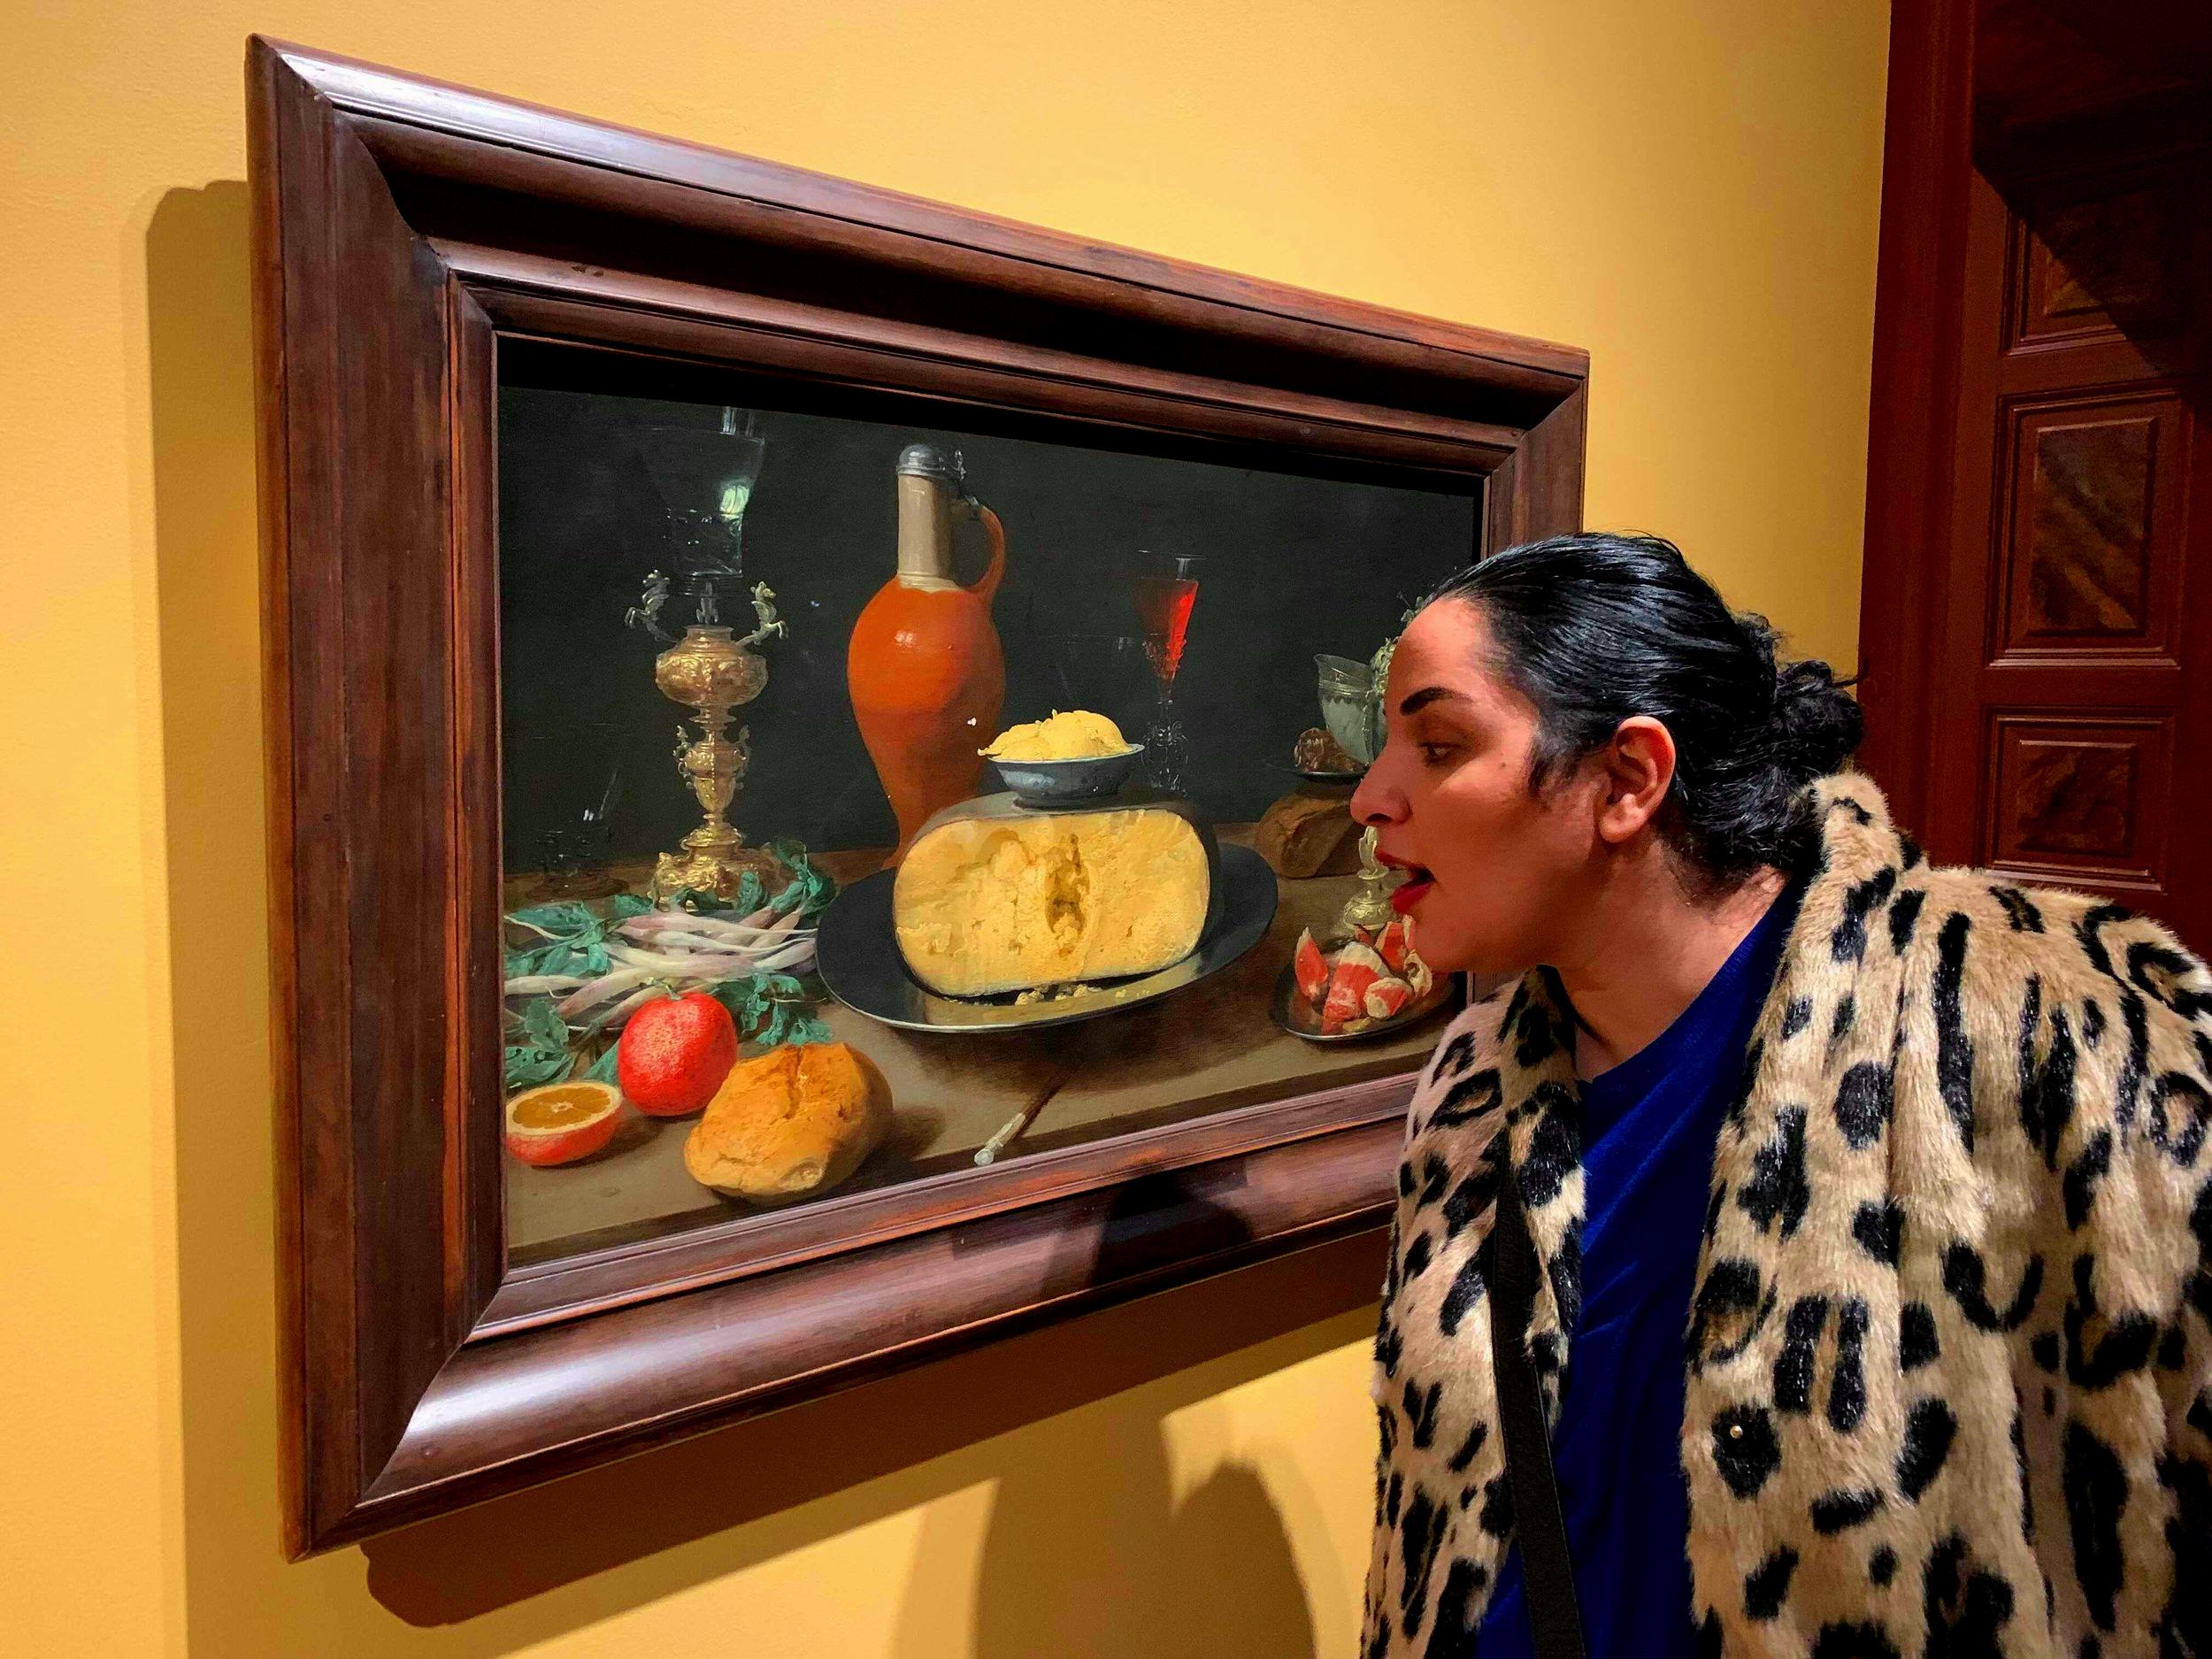 På Nationalmuseet i Stockholm hänger den. En målning! Med ost! Klart jag vill käka opp den.